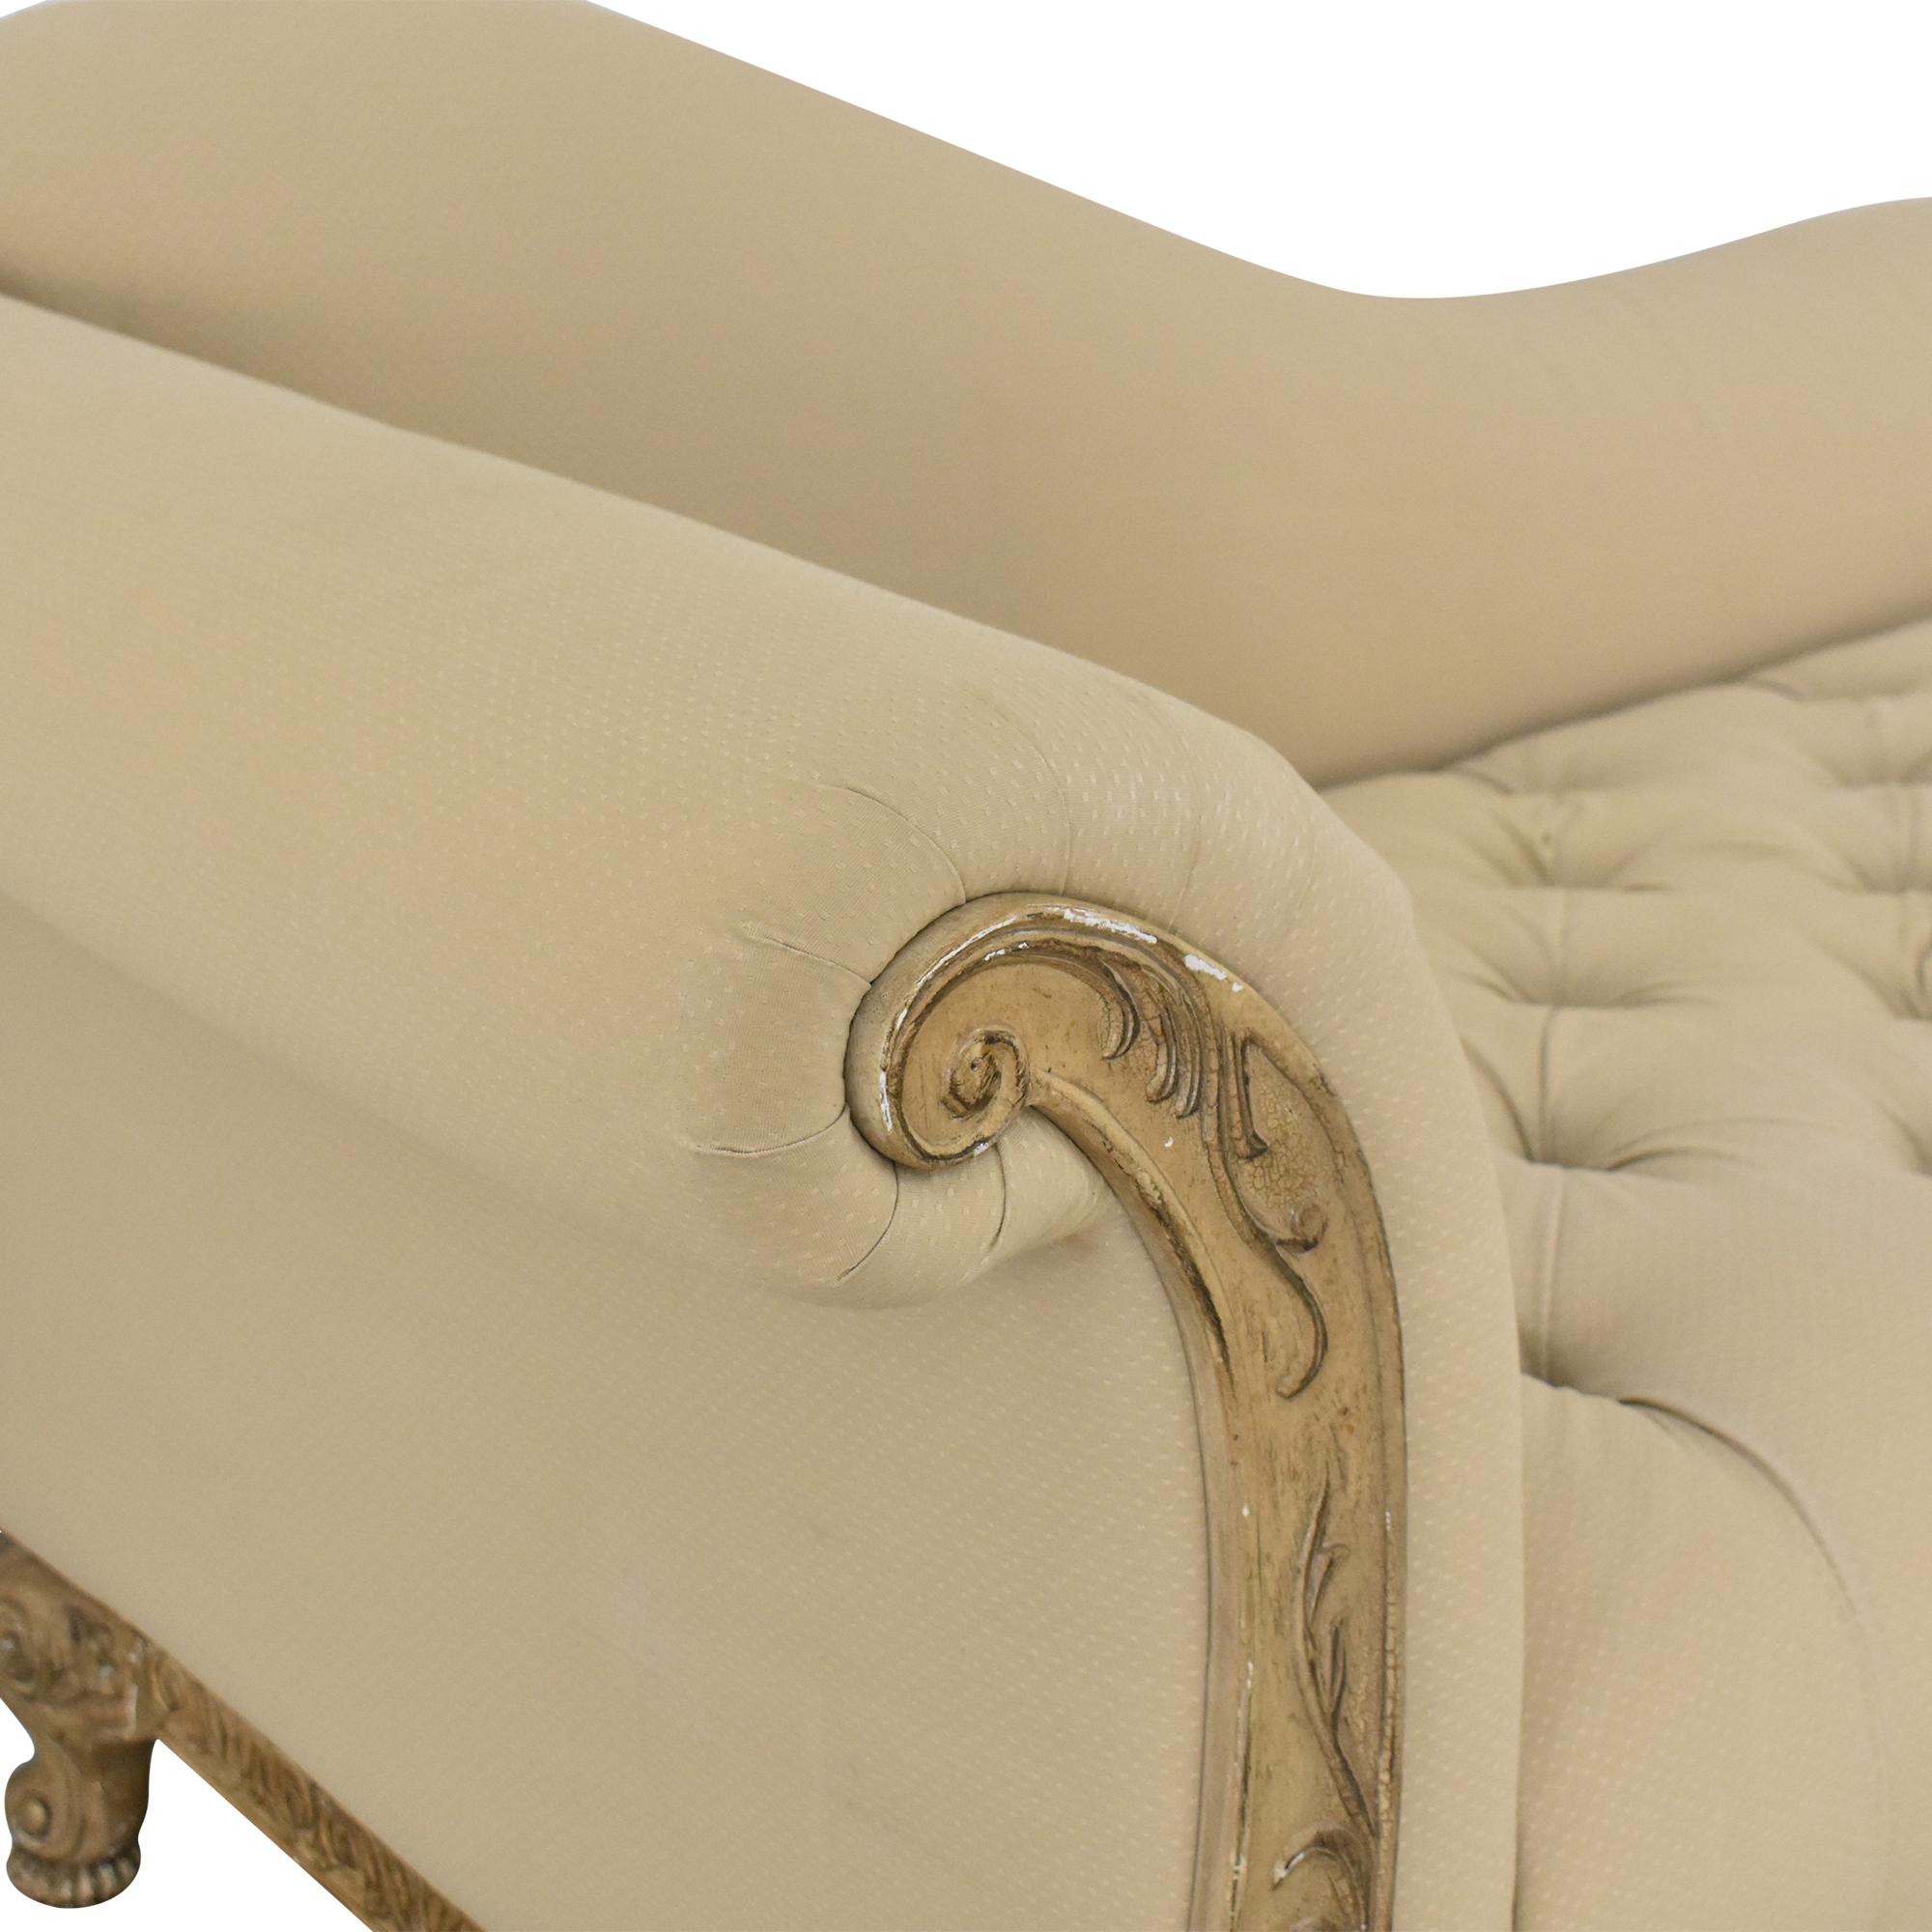 Levitz Levitz Tufted Chaise dimensions